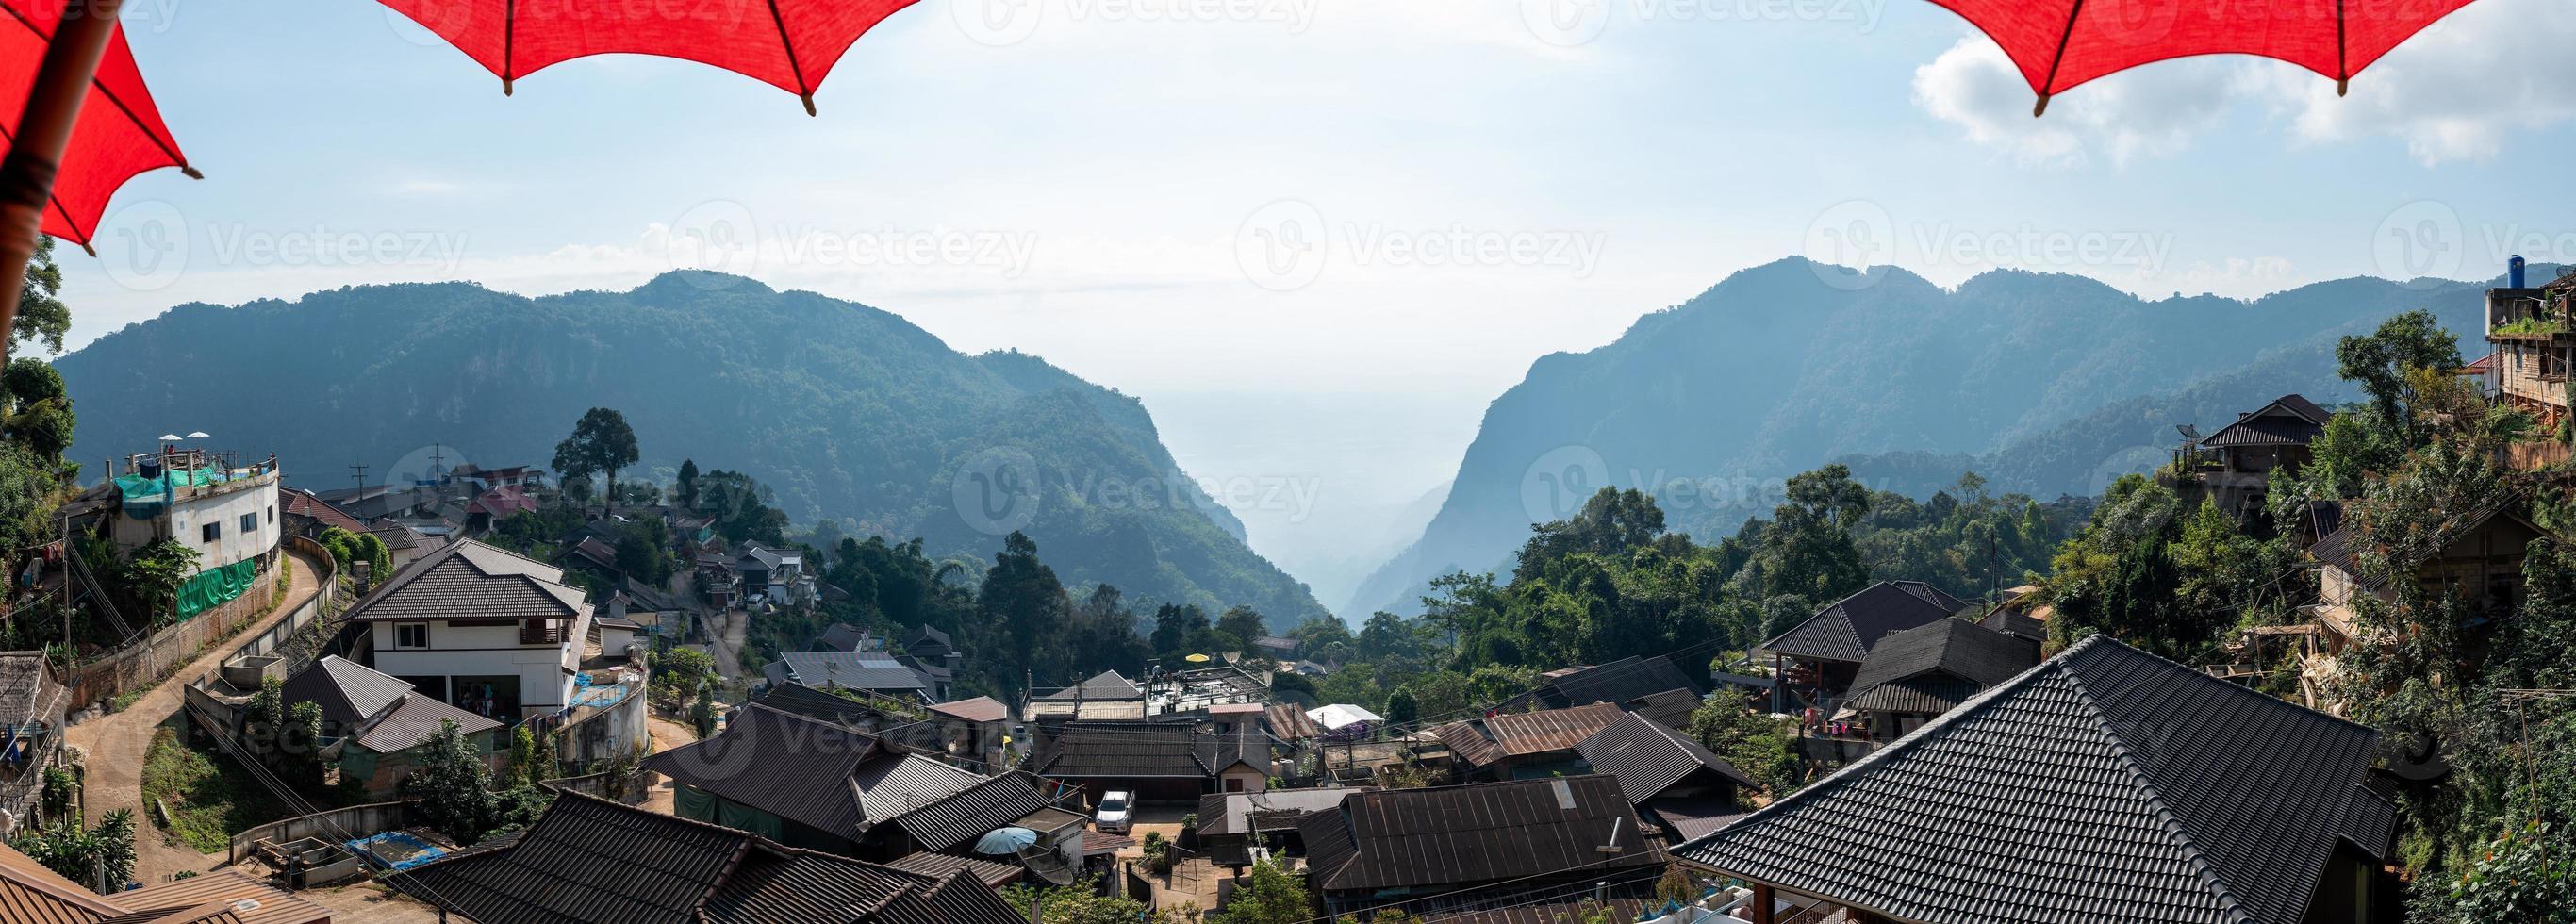 Vista panorámica de la aldea de Phahee con montañas en Chiang Rai, Tailandia foto